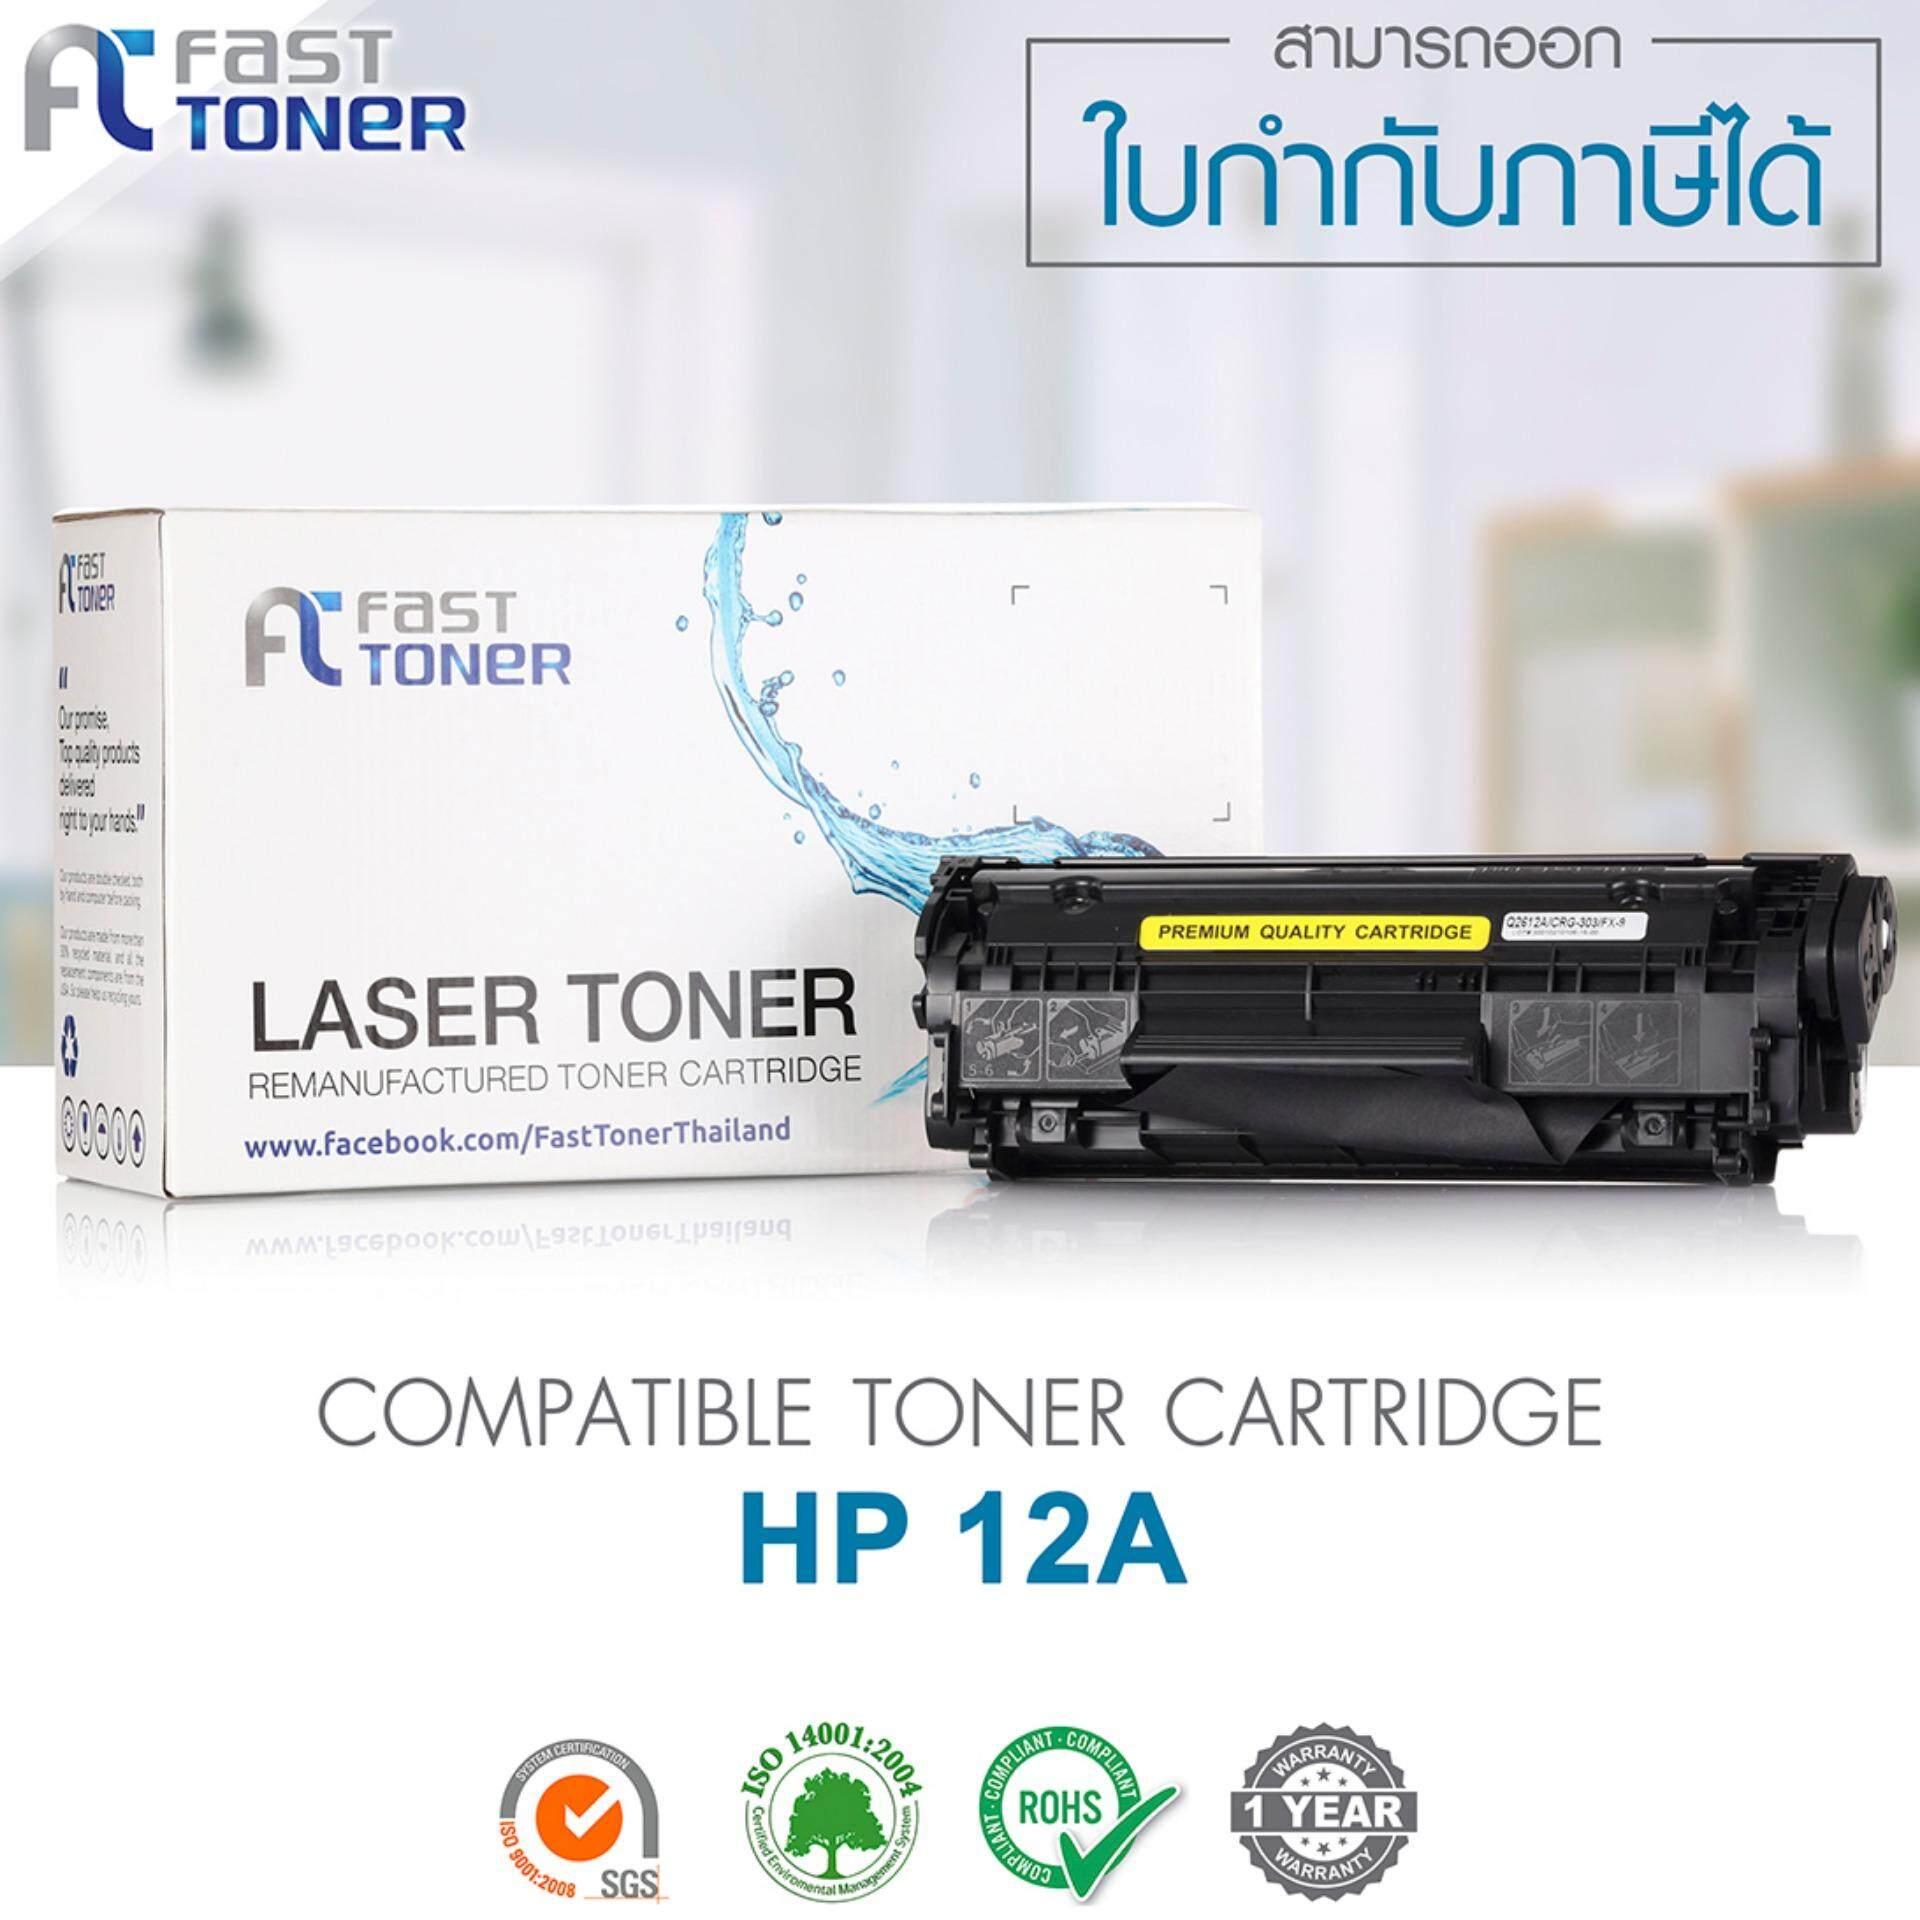 Fast Toner ตลับหมึกพิมพ์เลเซอร์ Hp Q2612A Hp 12A สำหรับปริ๊นเตอร์เลเซอร์ Hp Laserjet 1010 1012 1015 1018 1020 1022 1022N 1022Nw 3015 3020 3030 3050 3050 Aio 3052 3055 ใหม่ล่าสุด